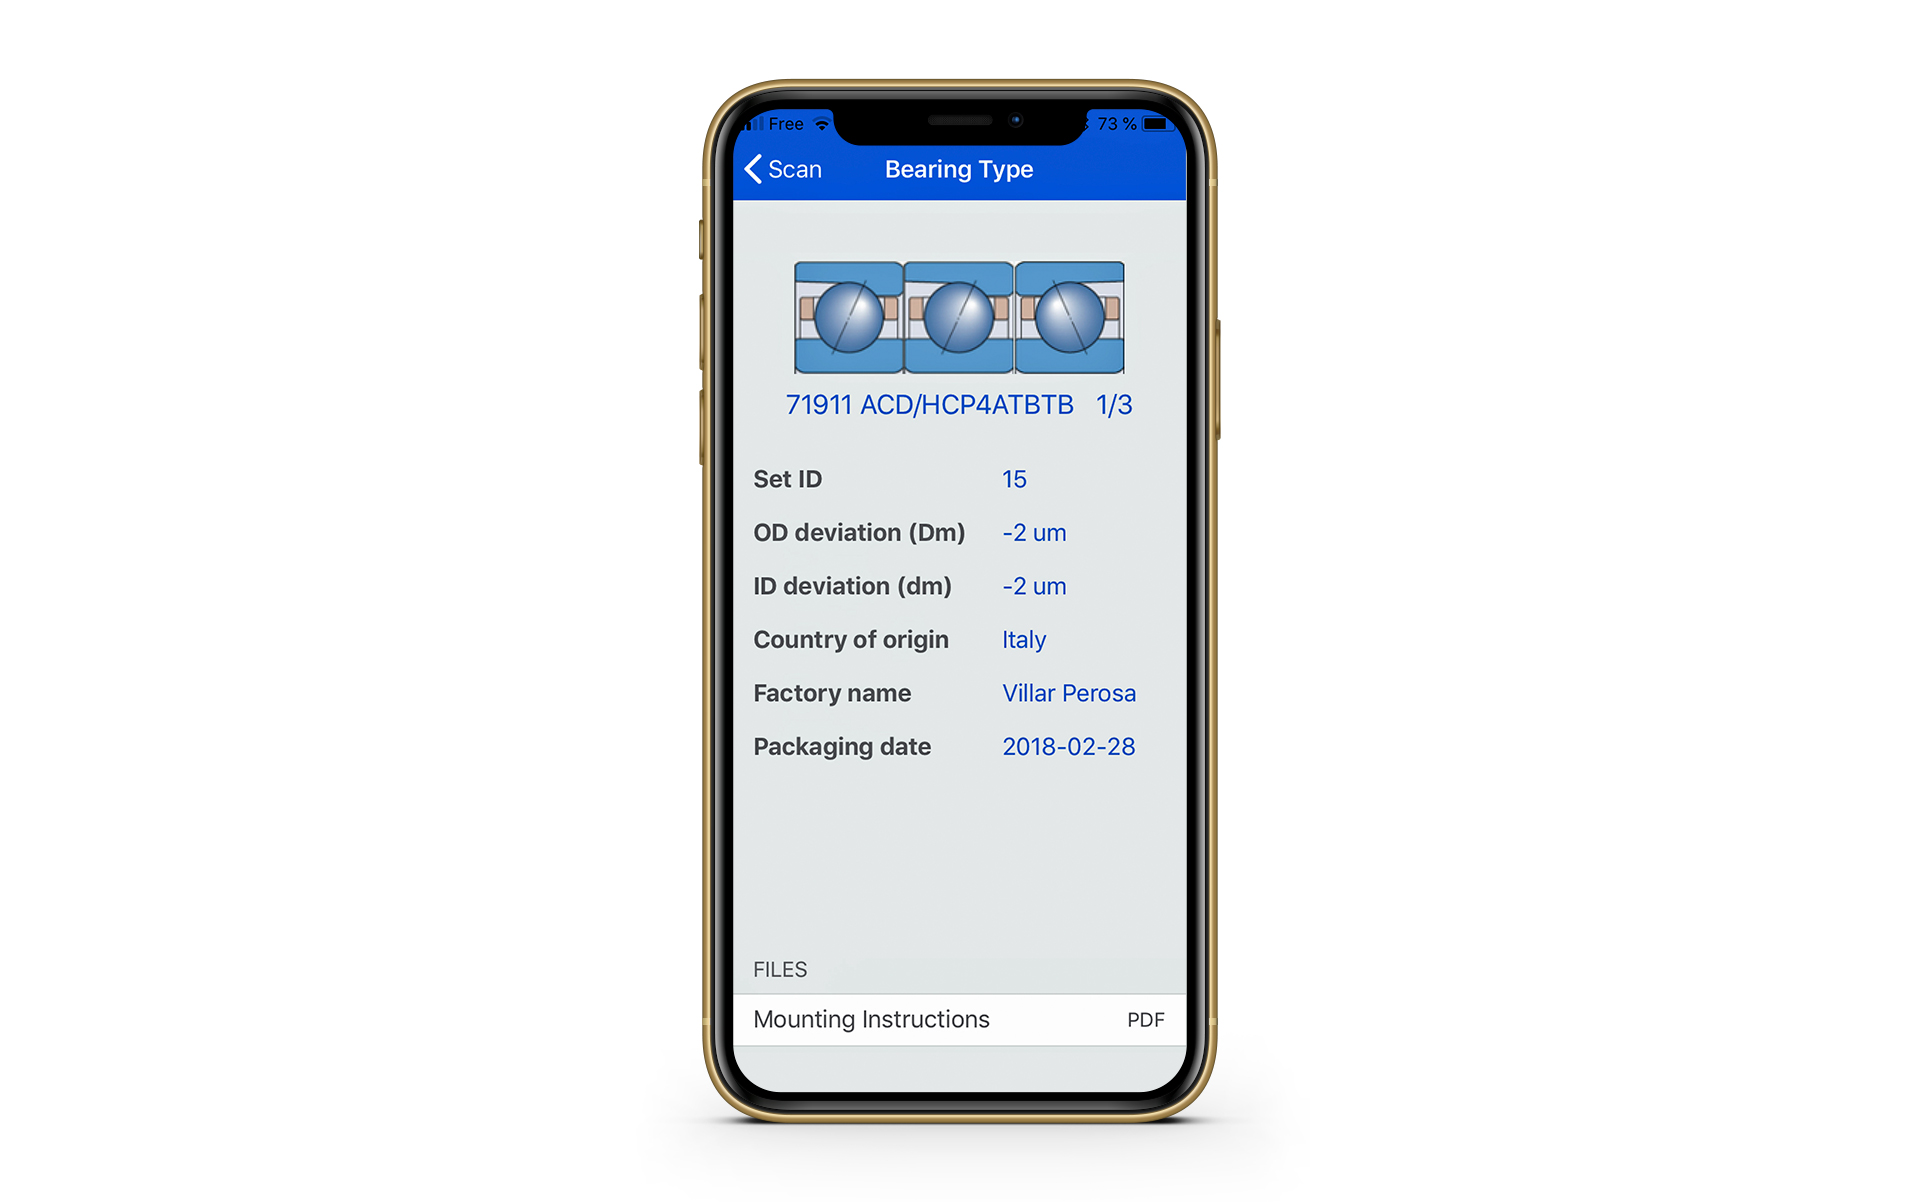 Nueva aplicación para el rastreo de rodamientos